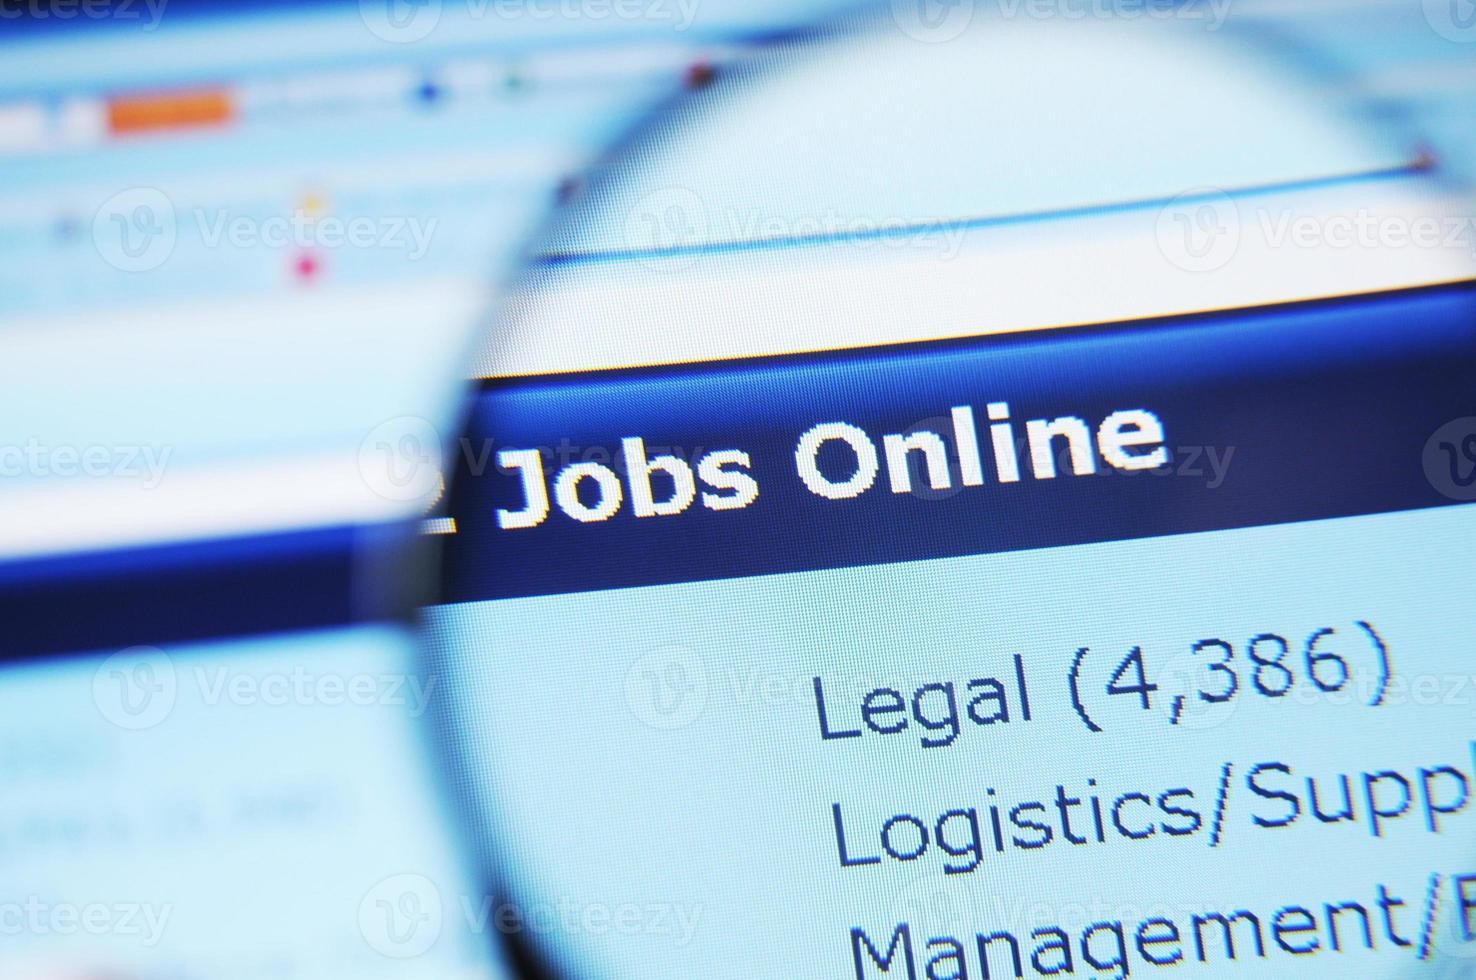 emplois en ligne photo